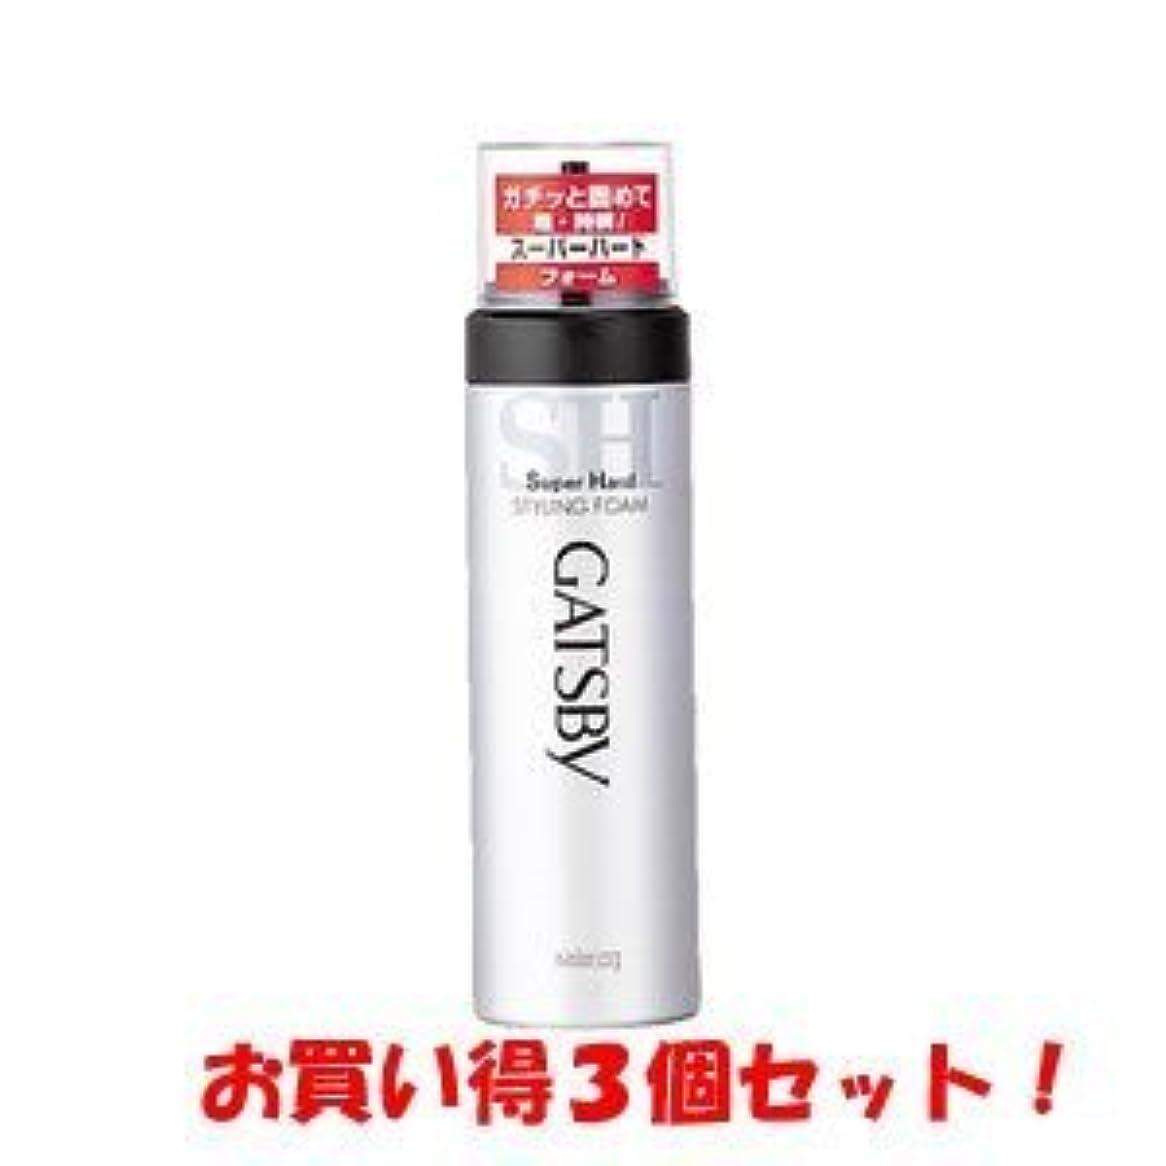 乗算プリーツ遊具ギャツビー【GATSBY】スタイリングフォーム スーパーハード 185g(お買い得3個セット)